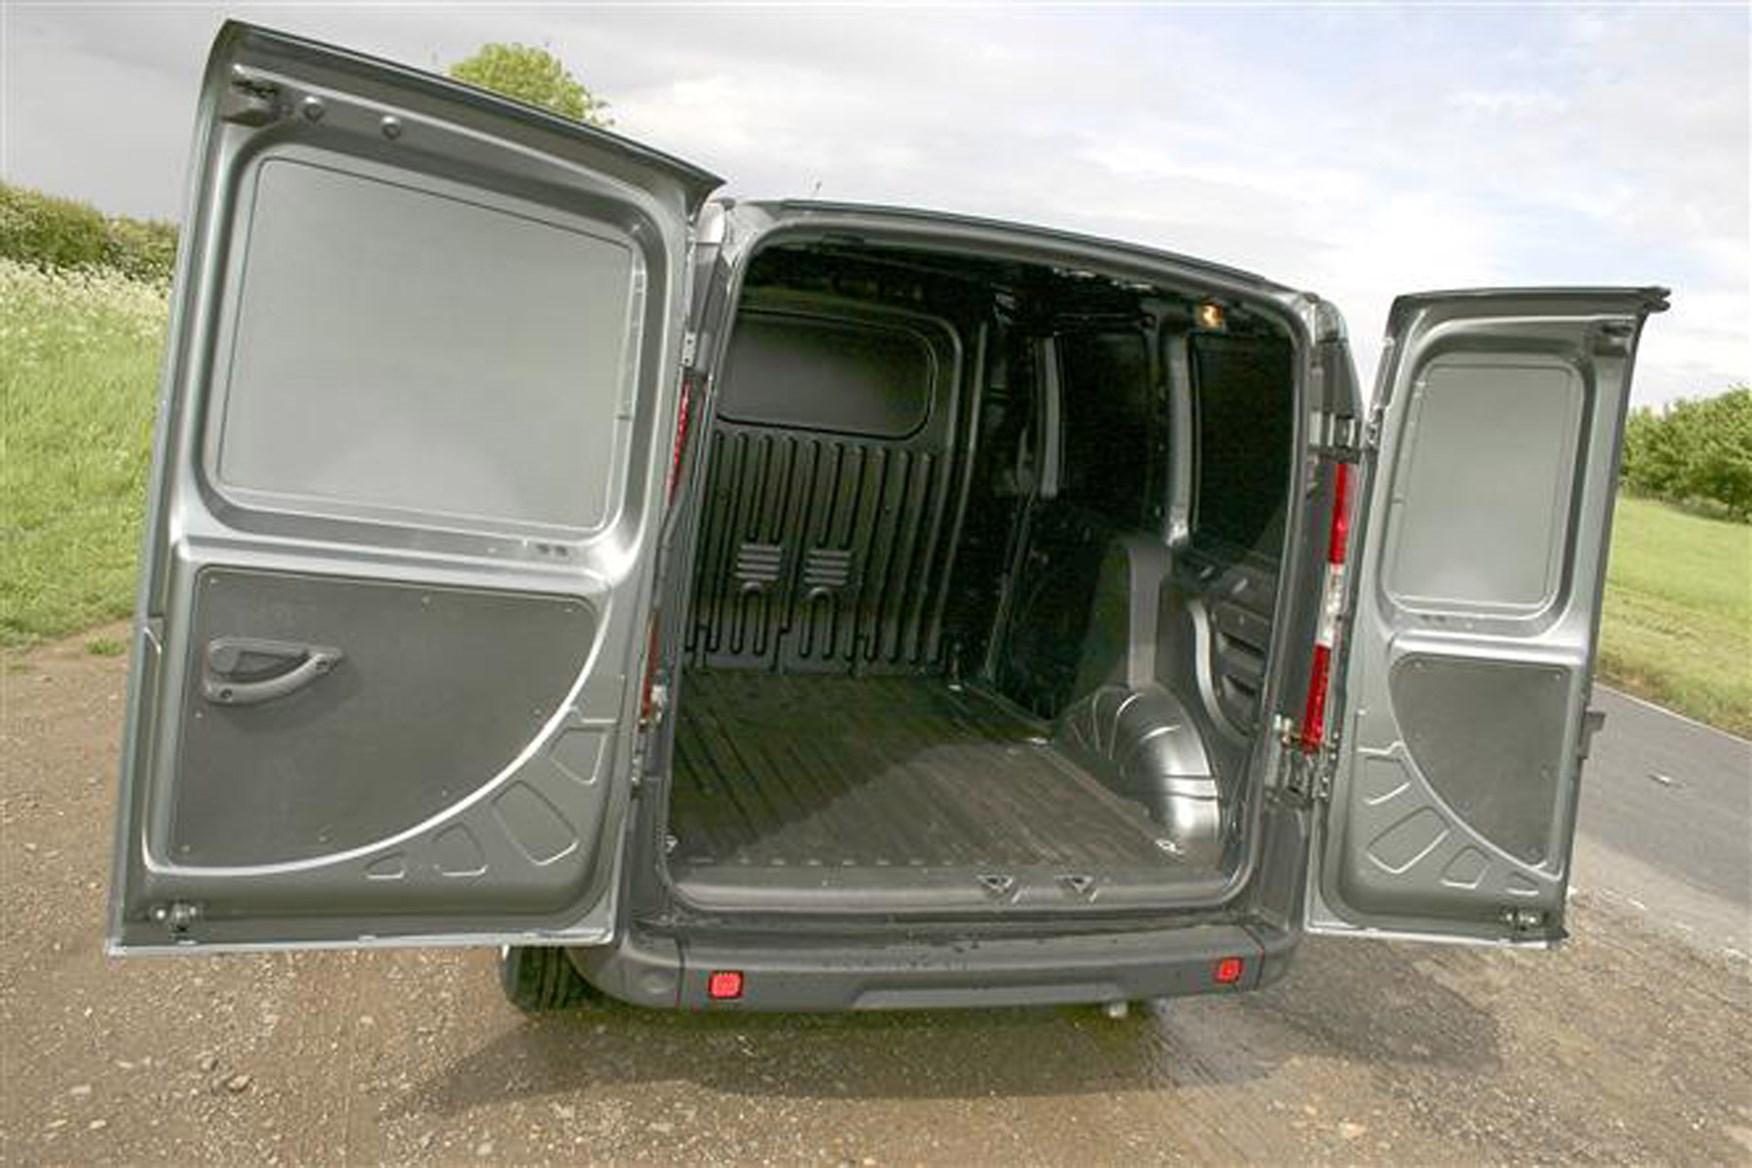 Fiat Doblo Cargo Van Dimensions 2001 2010 Capacity